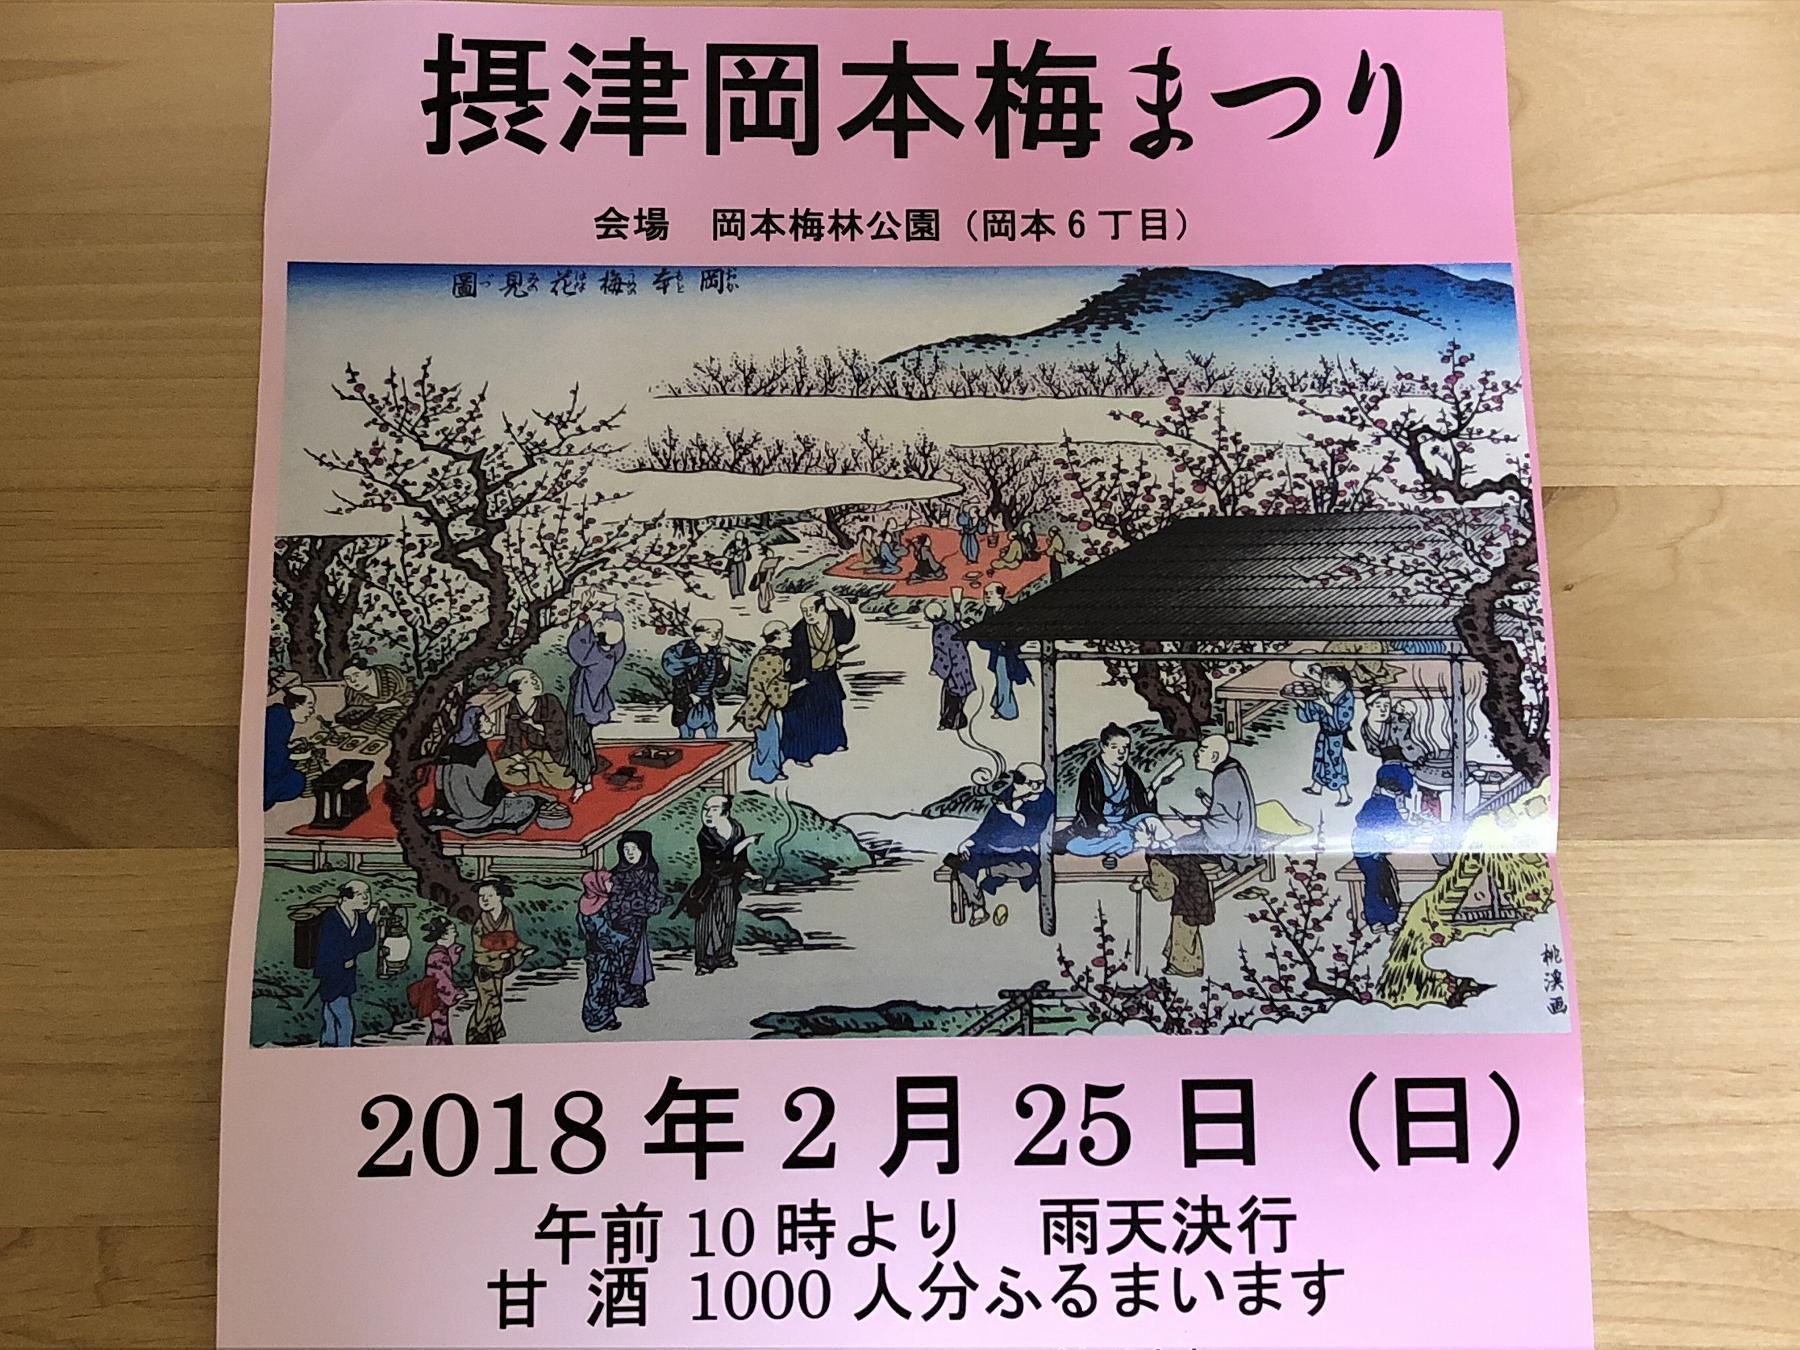 神戸・ 岡本梅林公園 で「 #摂津岡本梅まつり2018 」が2/25(日)に開催されるよ! #阪急岡本 #東灘区